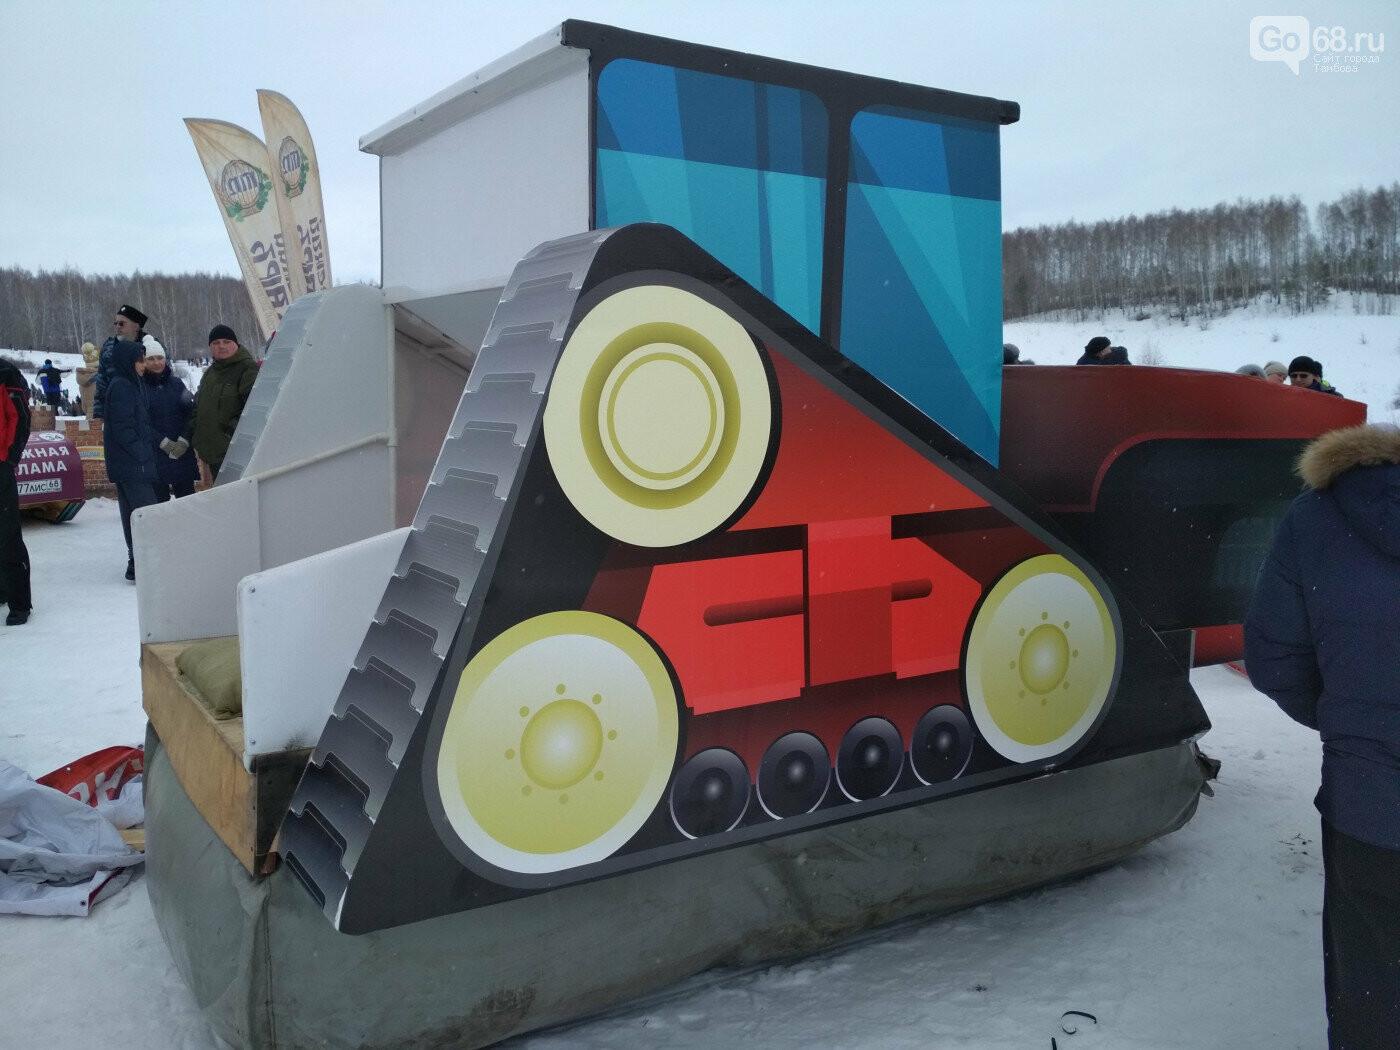 Тракторный биатлон, лазерное шоу и оригинальные сани – тамбовчане уже могут подать заявки на «Лысогорские санки», фото-3